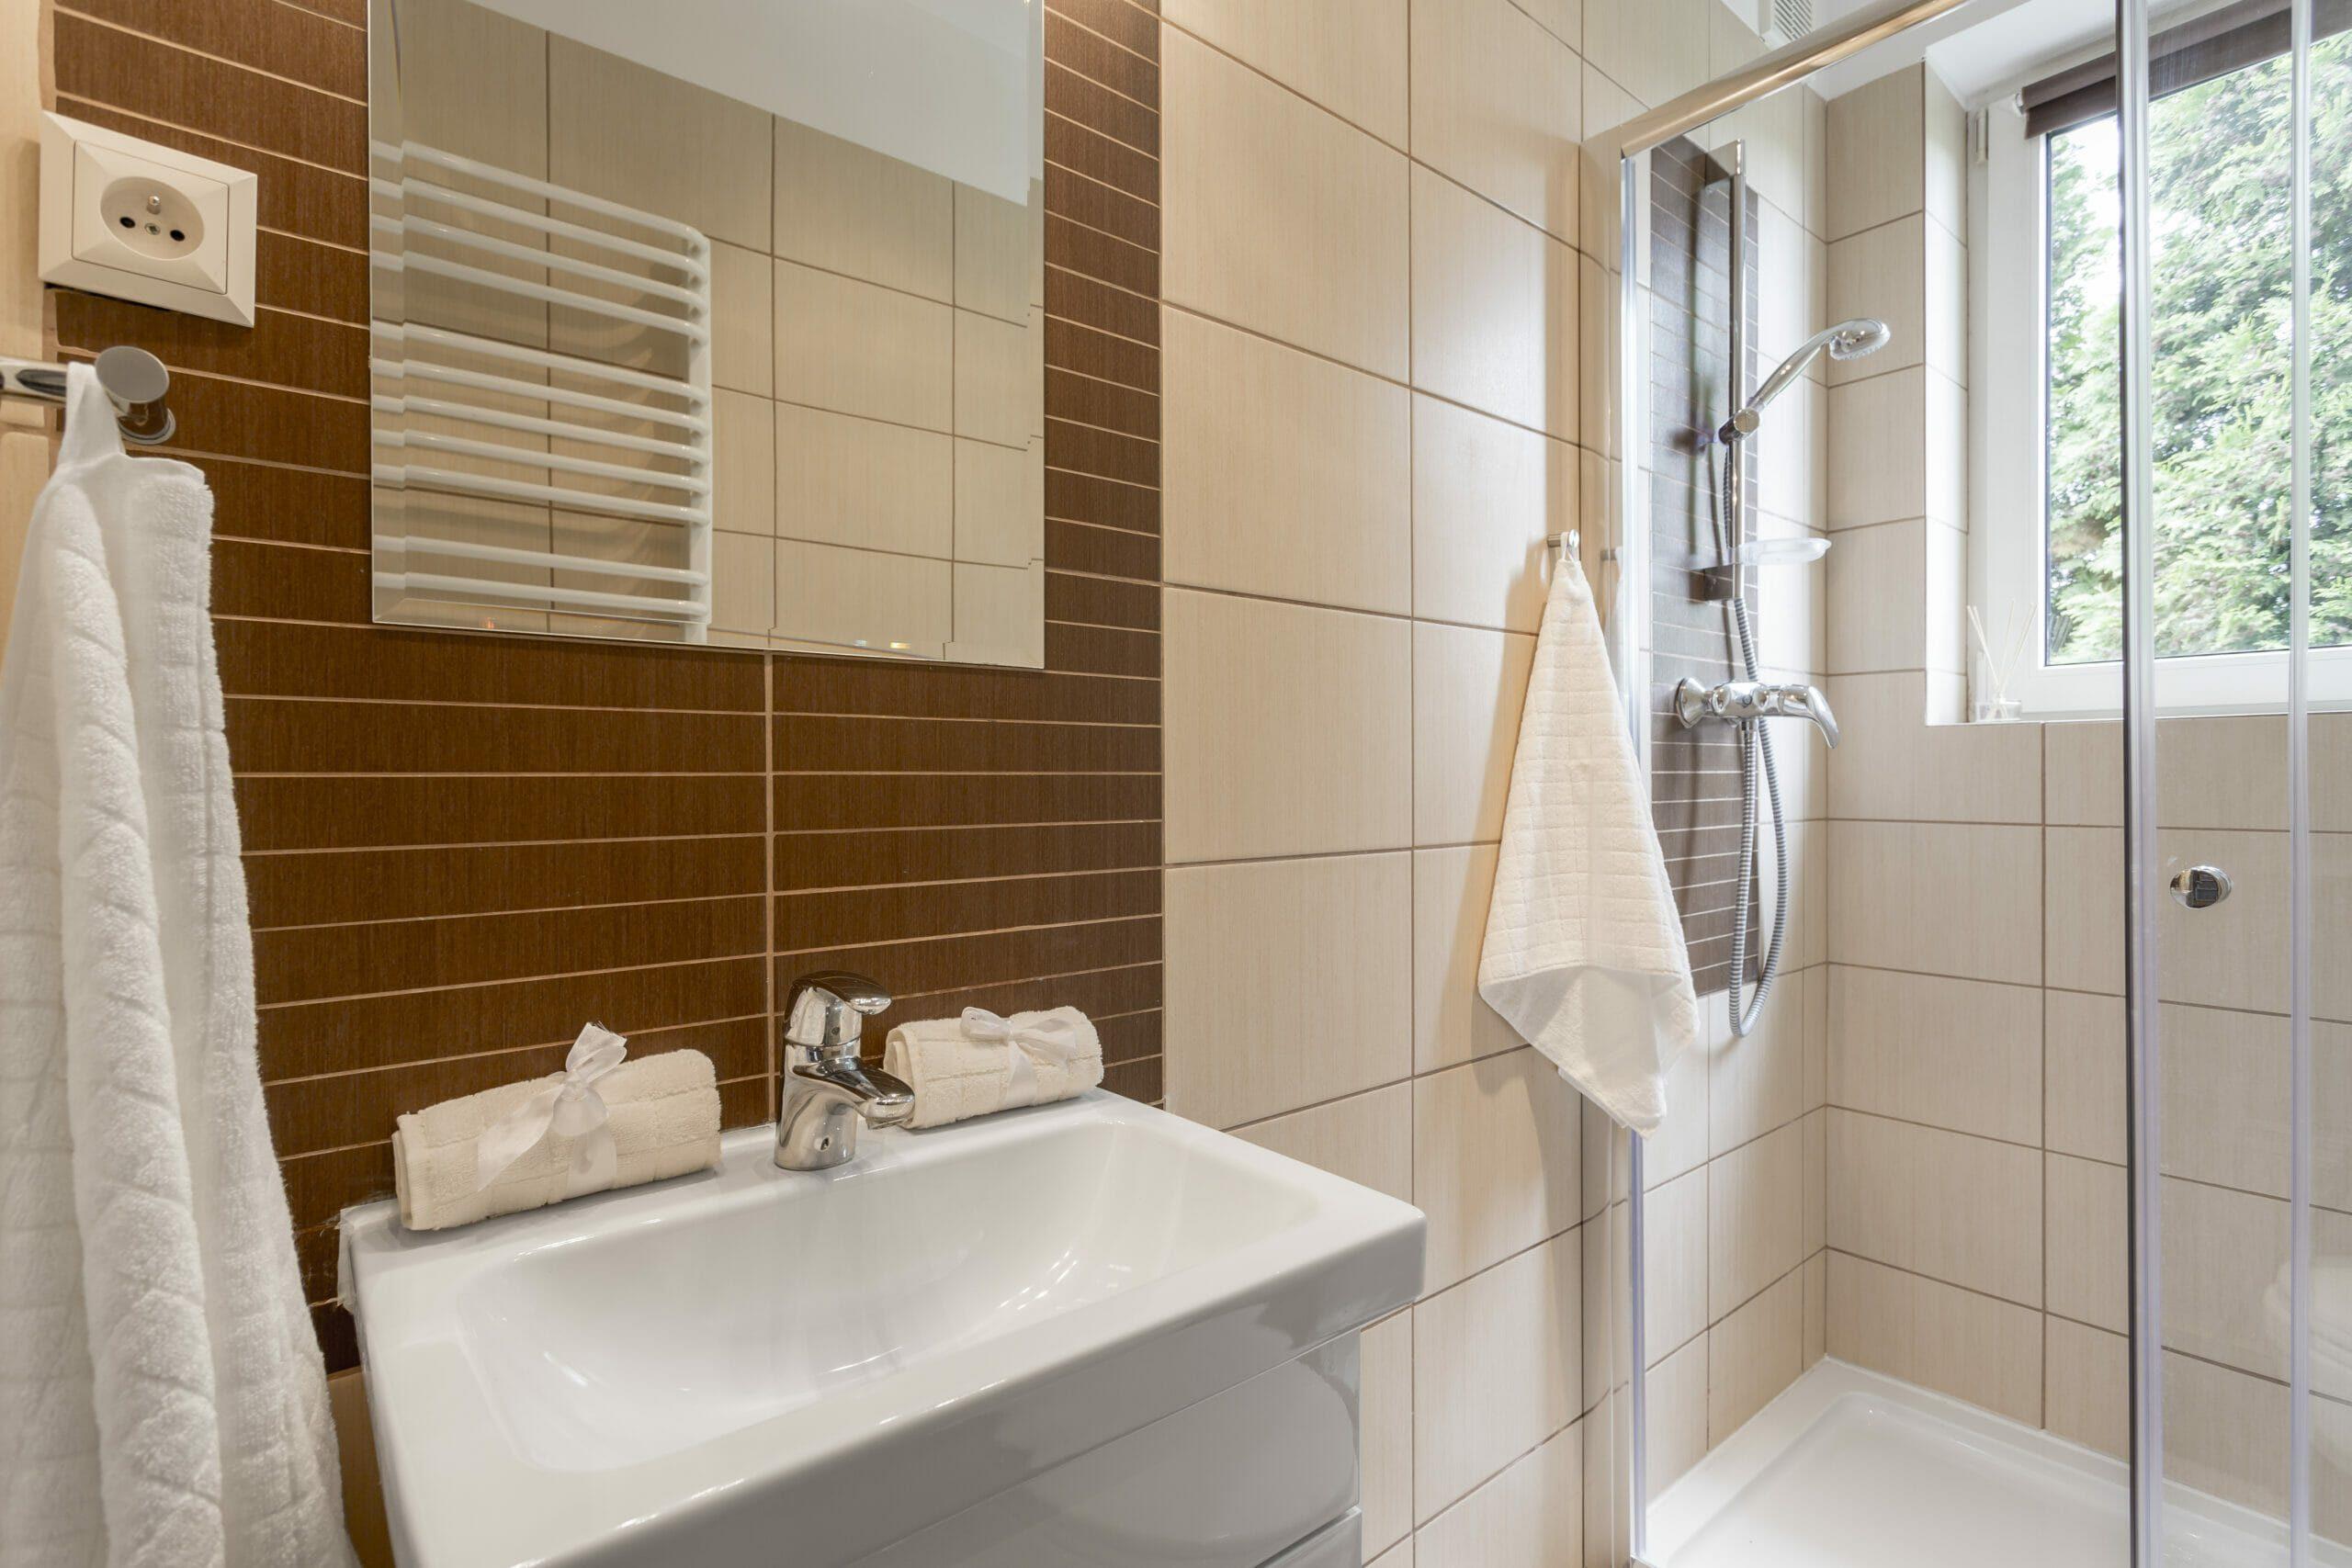 Badezimmer Ideen kleines Bad